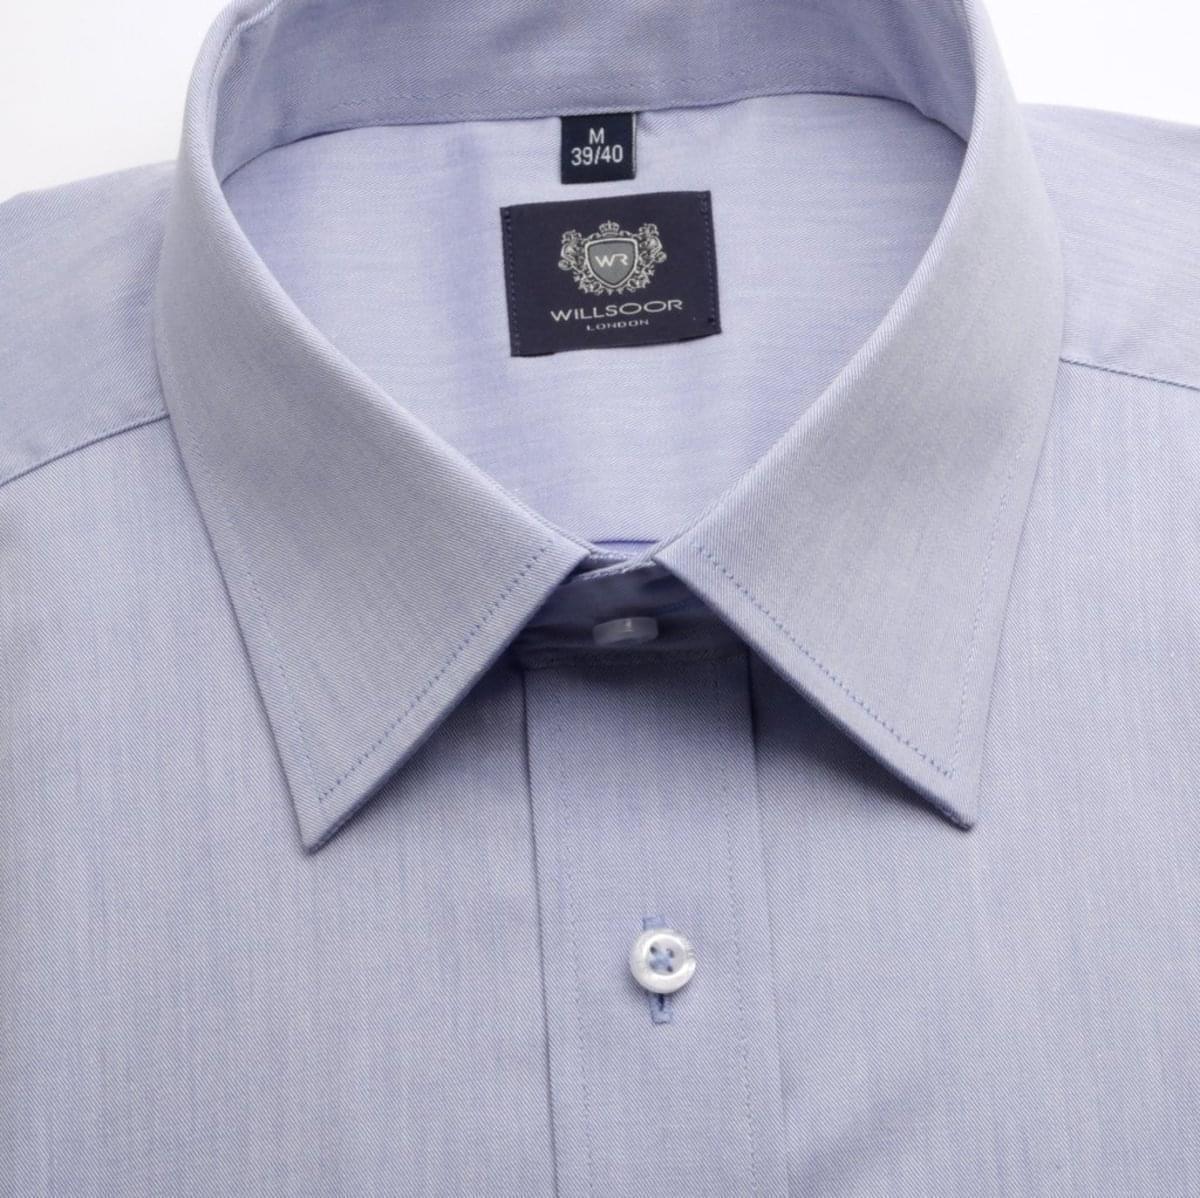 Willsoor Košile WR London (výška 176-182) 3677 176-182 / XL (43/44)